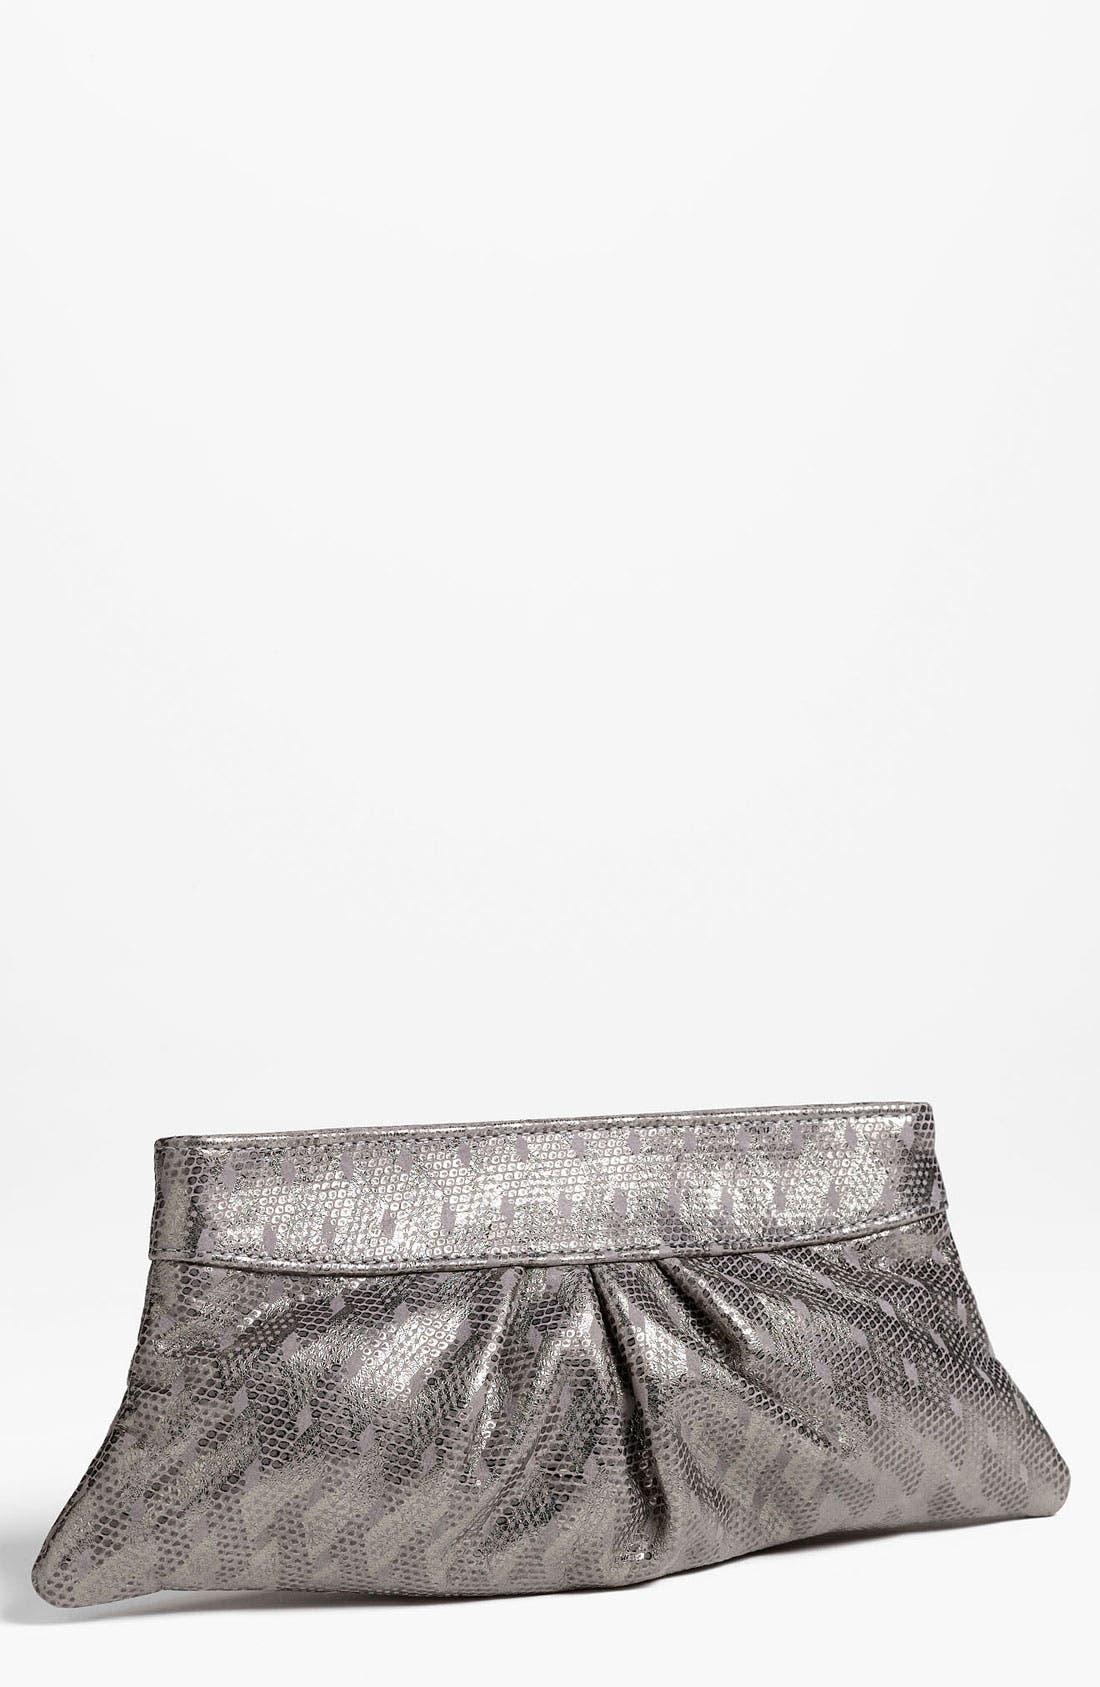 Alternate Image 1 Selected - Lauren Merkin 'Eve' Embossed Metallic Clutch